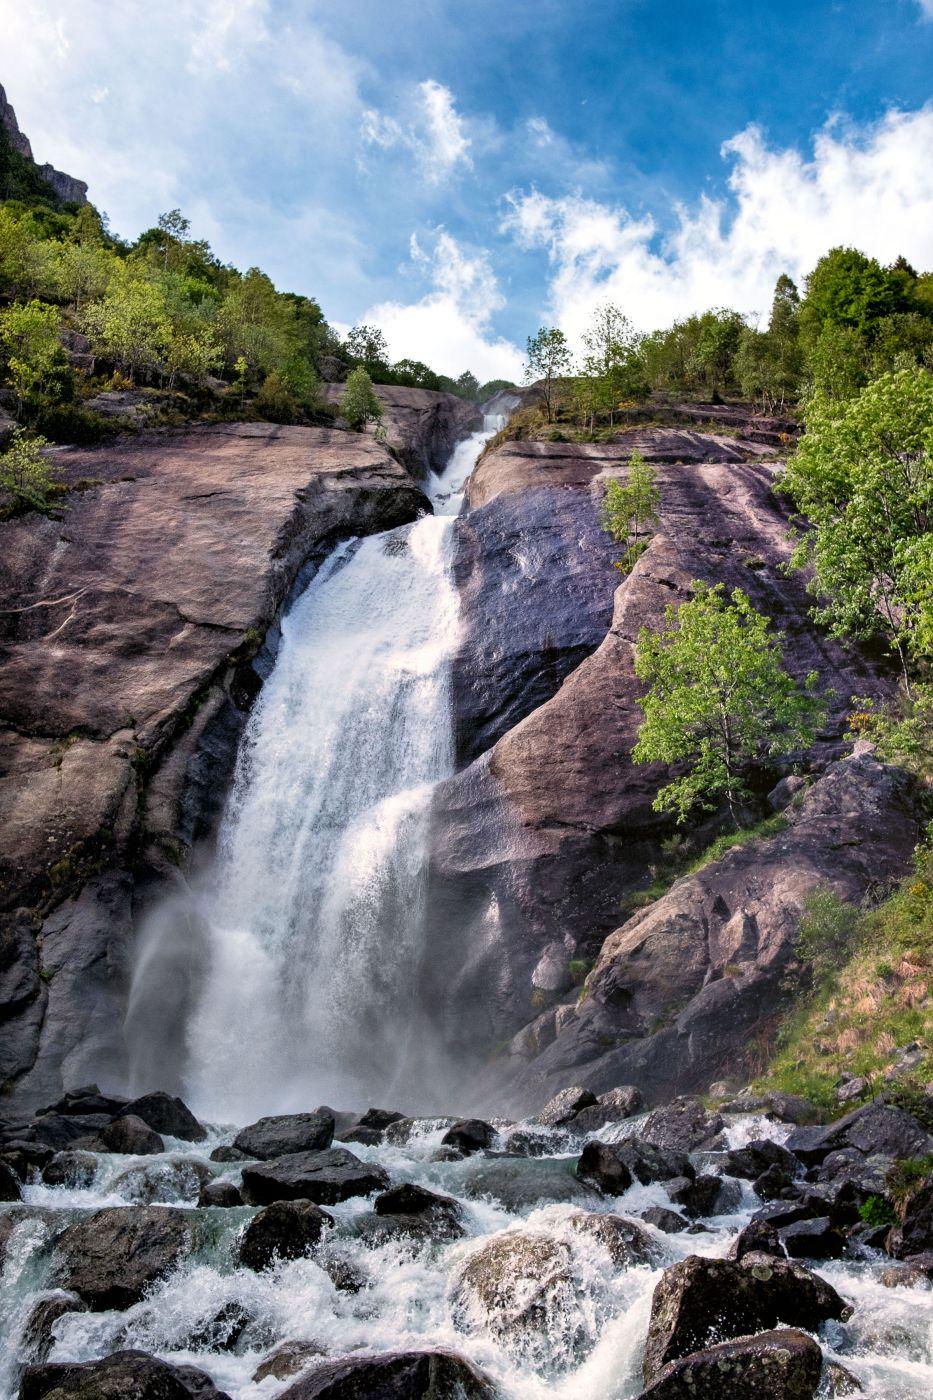 Cascata del Ferro (Iron Waterfall), Italy